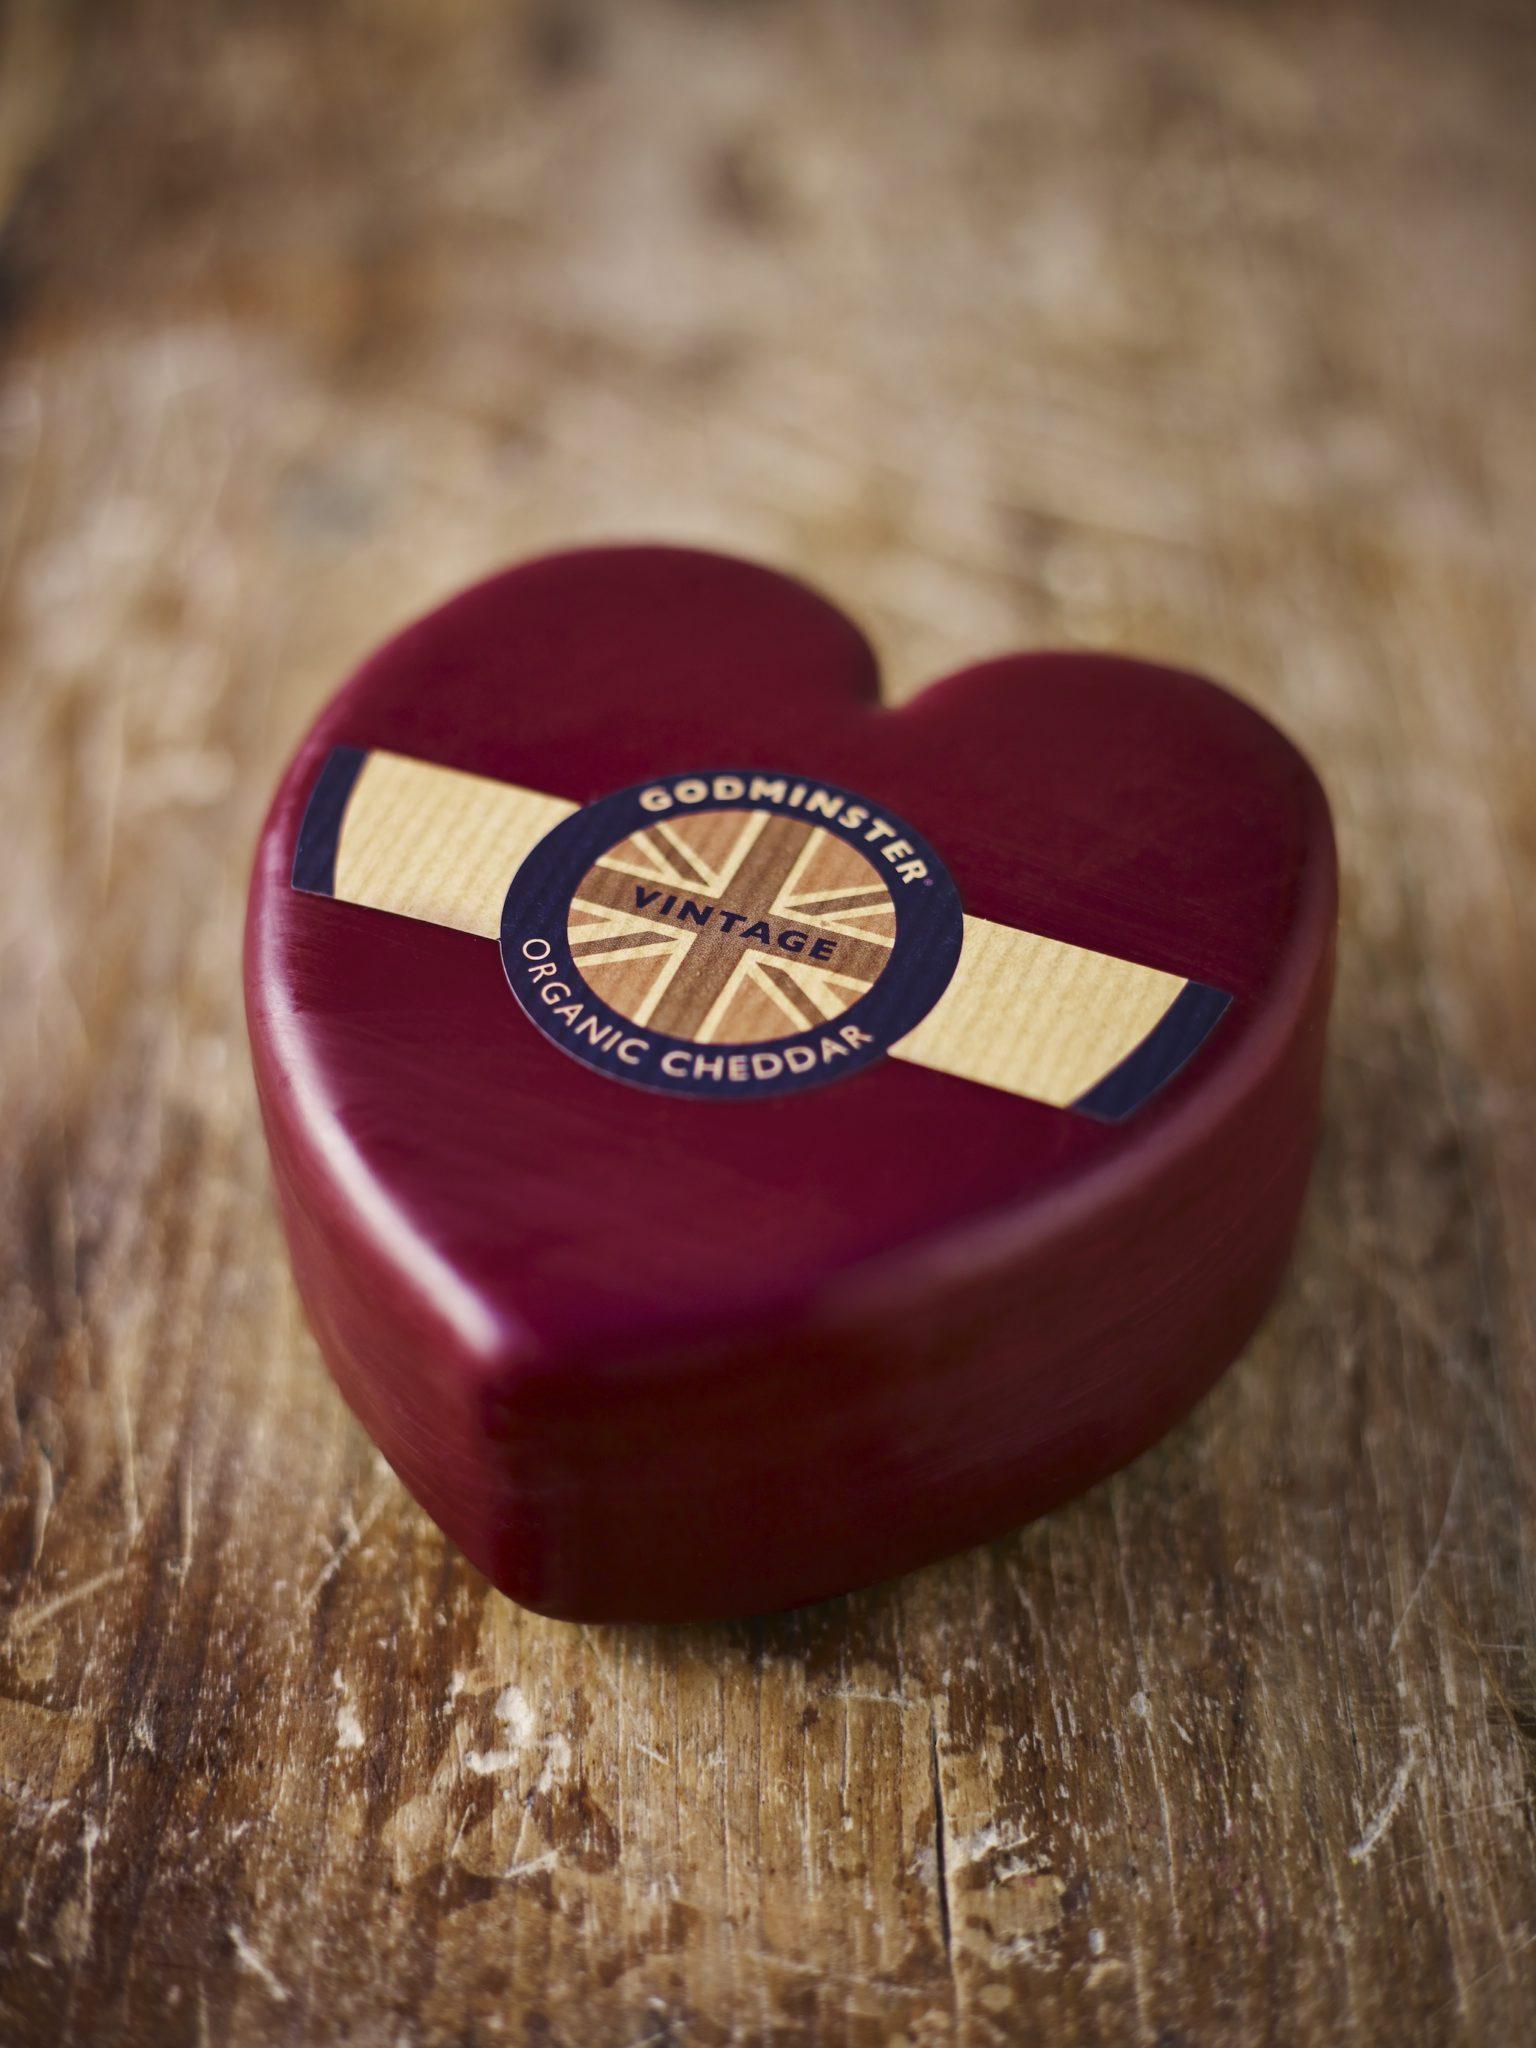 Godminster Heart Shaped 200g